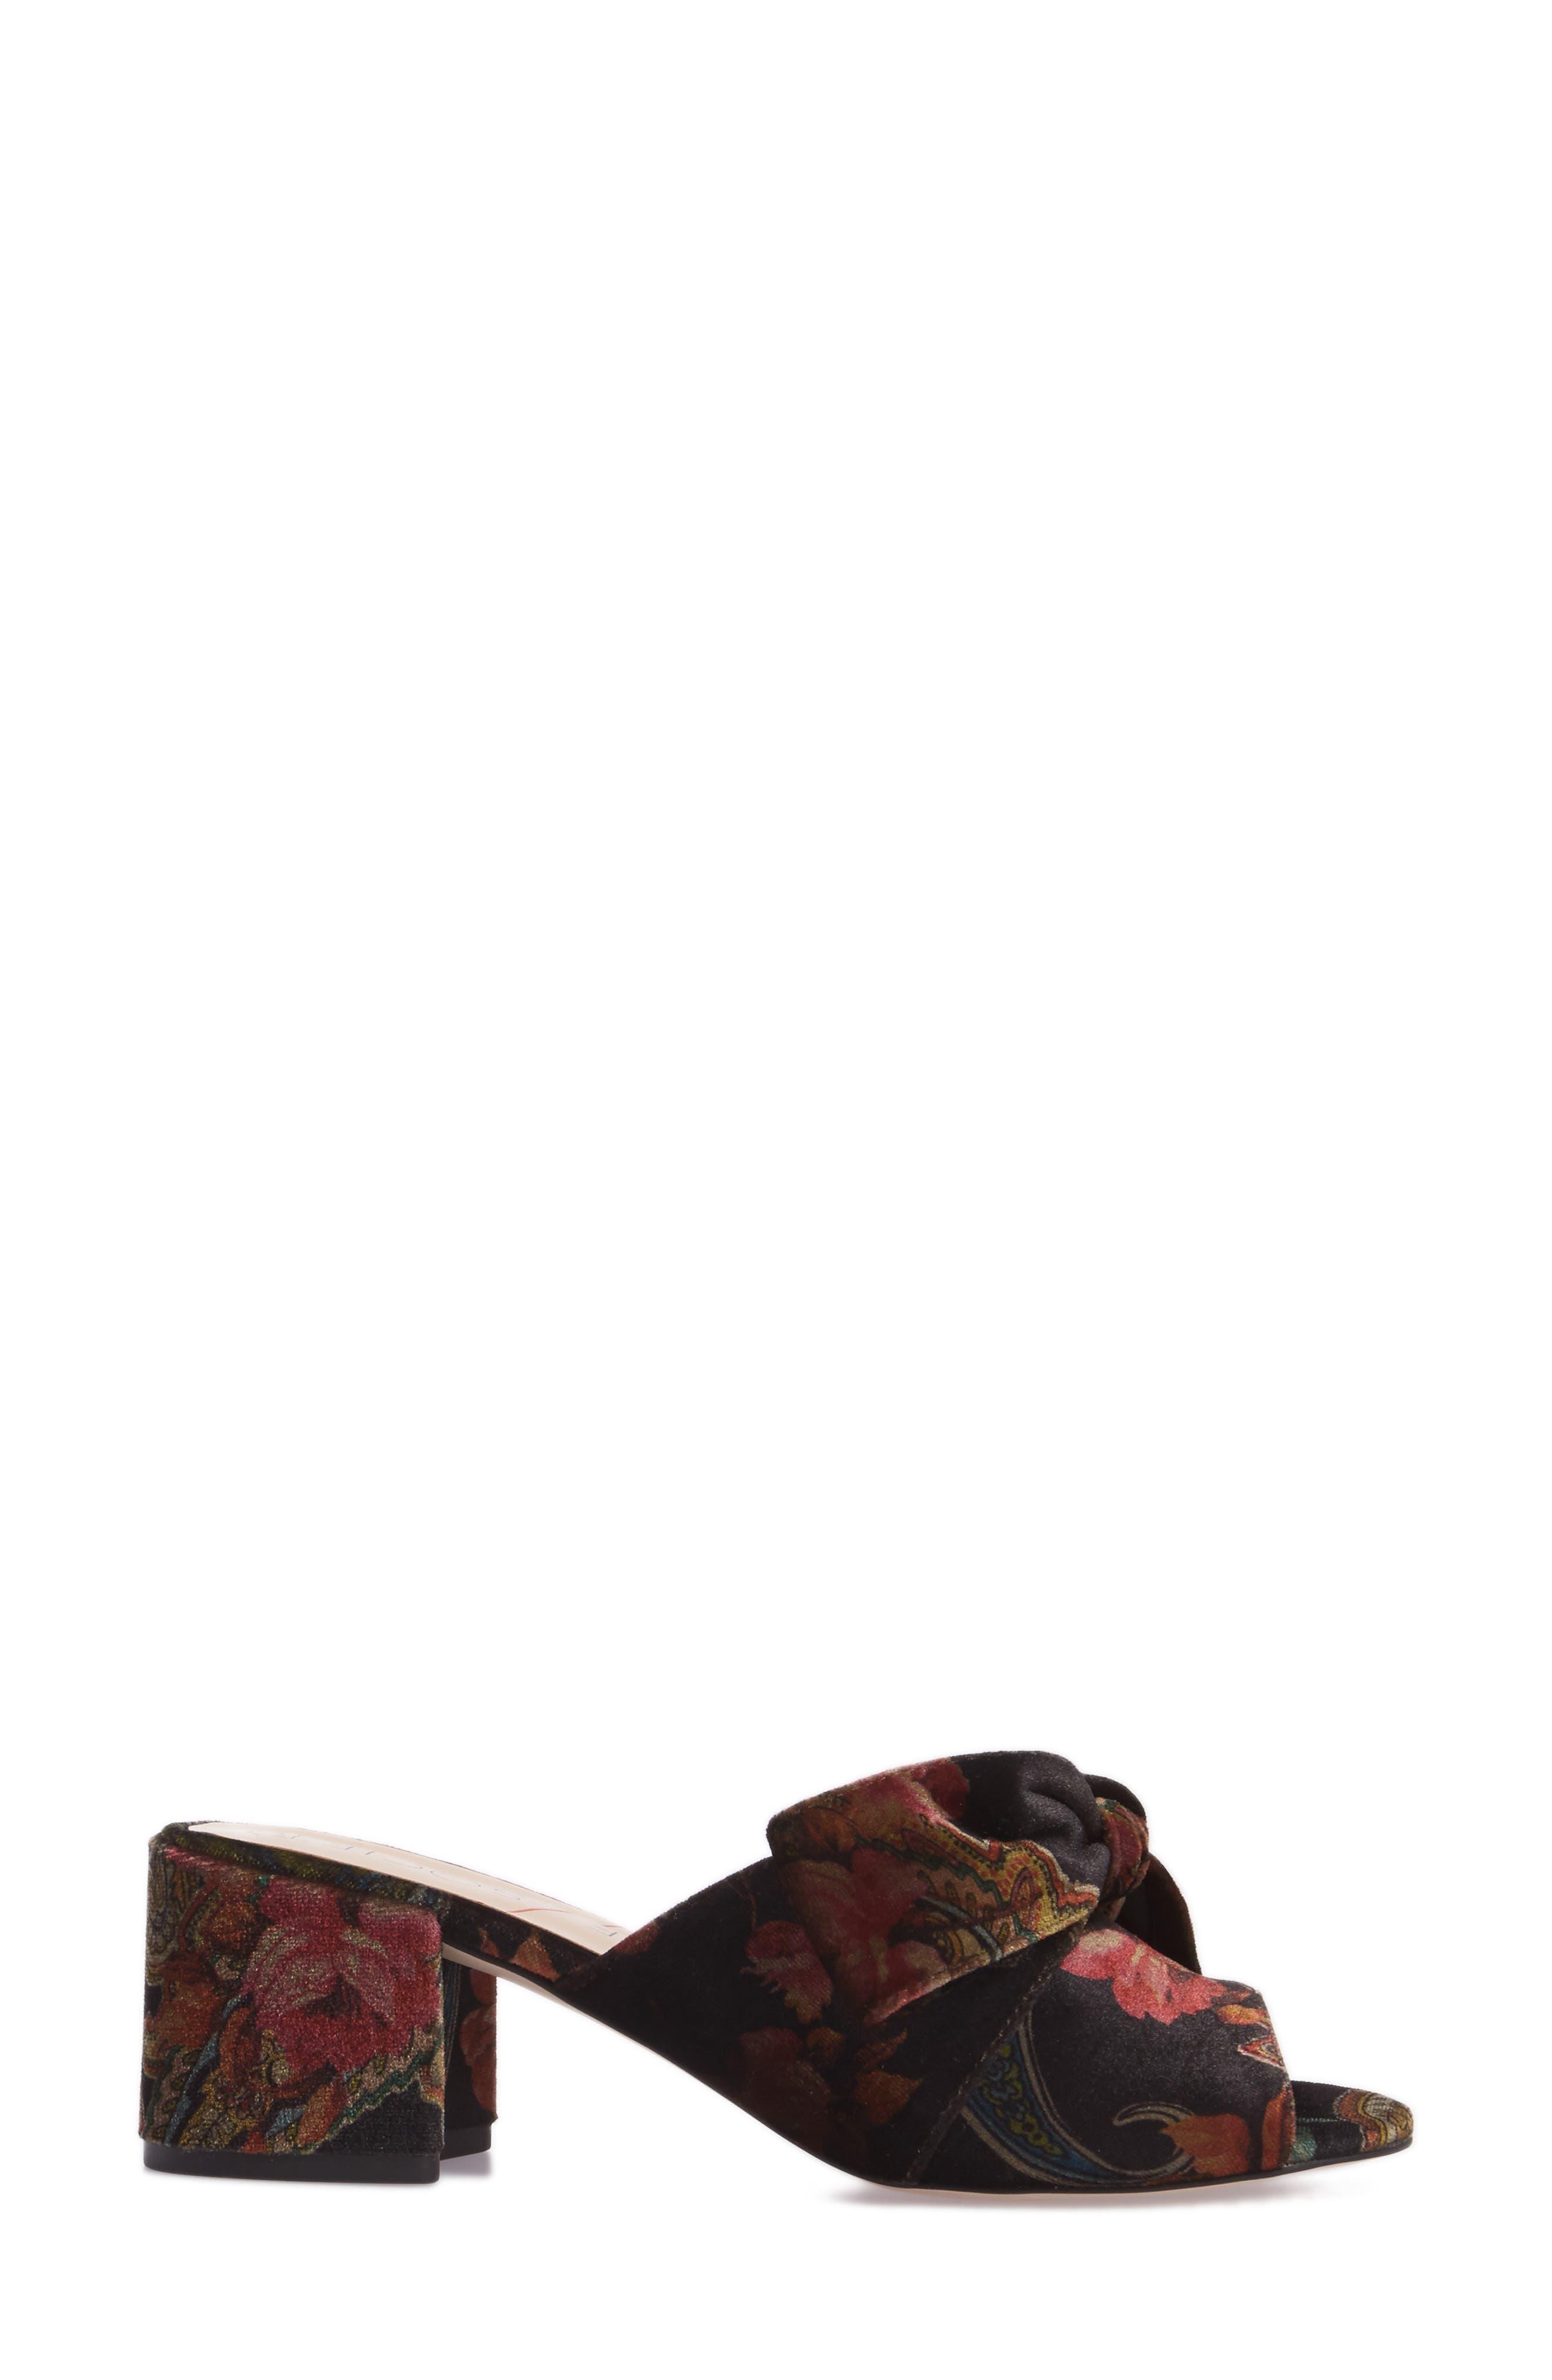 Cece Mule Sandal,                             Alternate thumbnail 5, color,